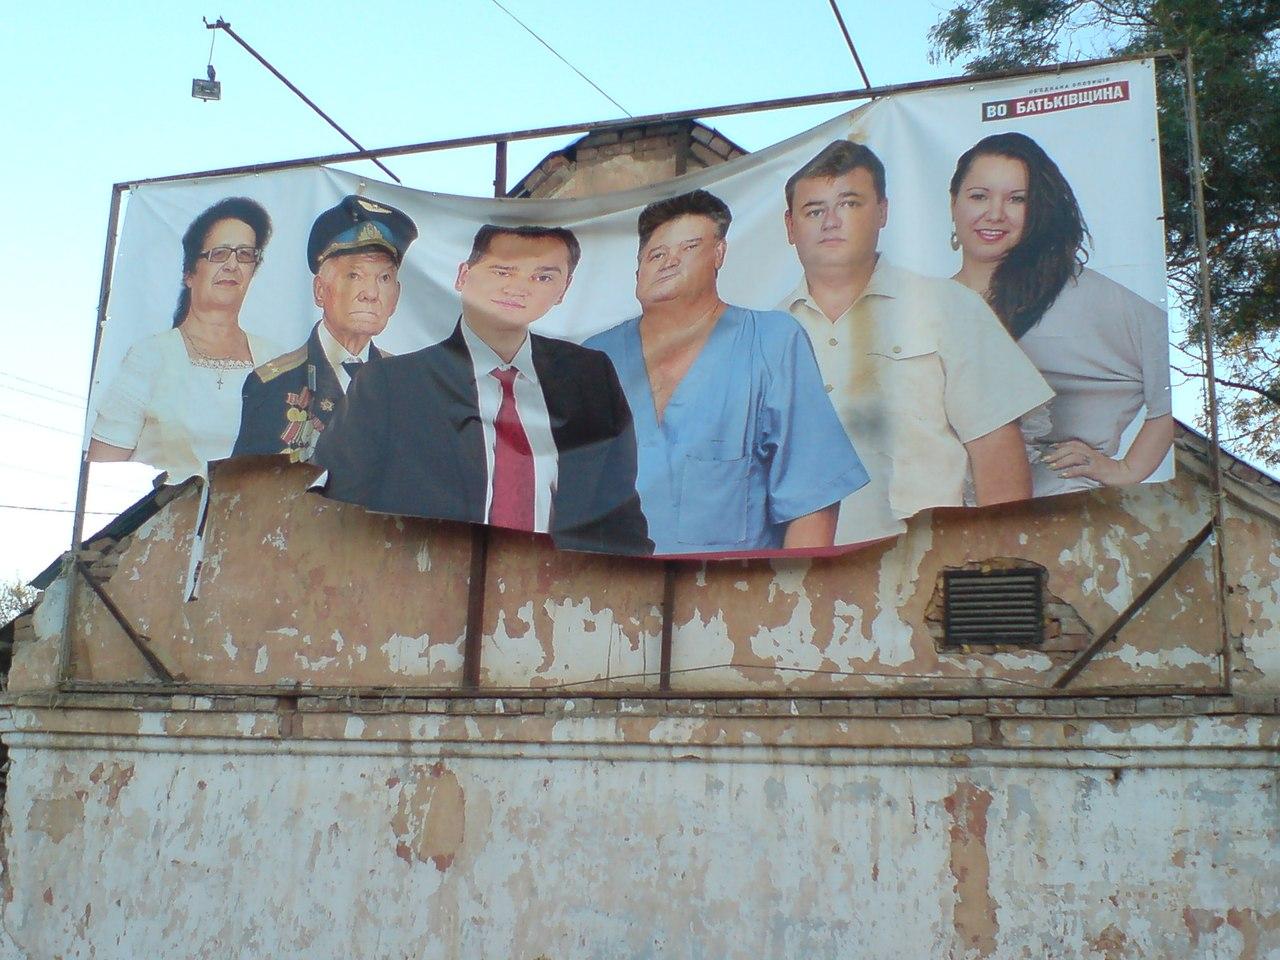 Болград. В очередной раз сорван баннер кандидата Александра Борнякова